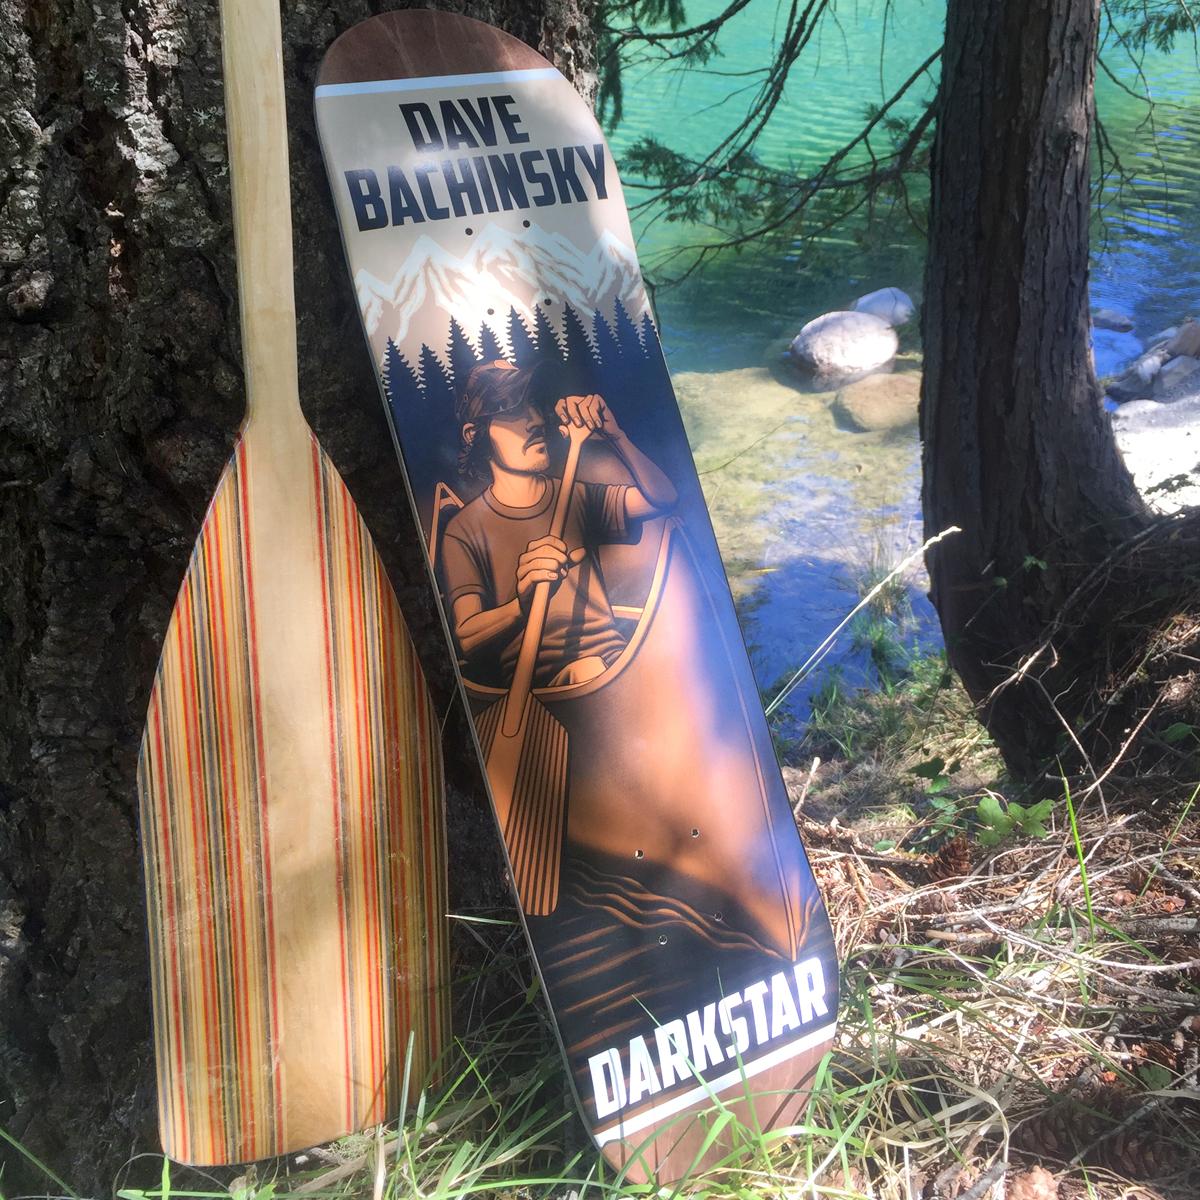 darkstar skateboards marc mckee